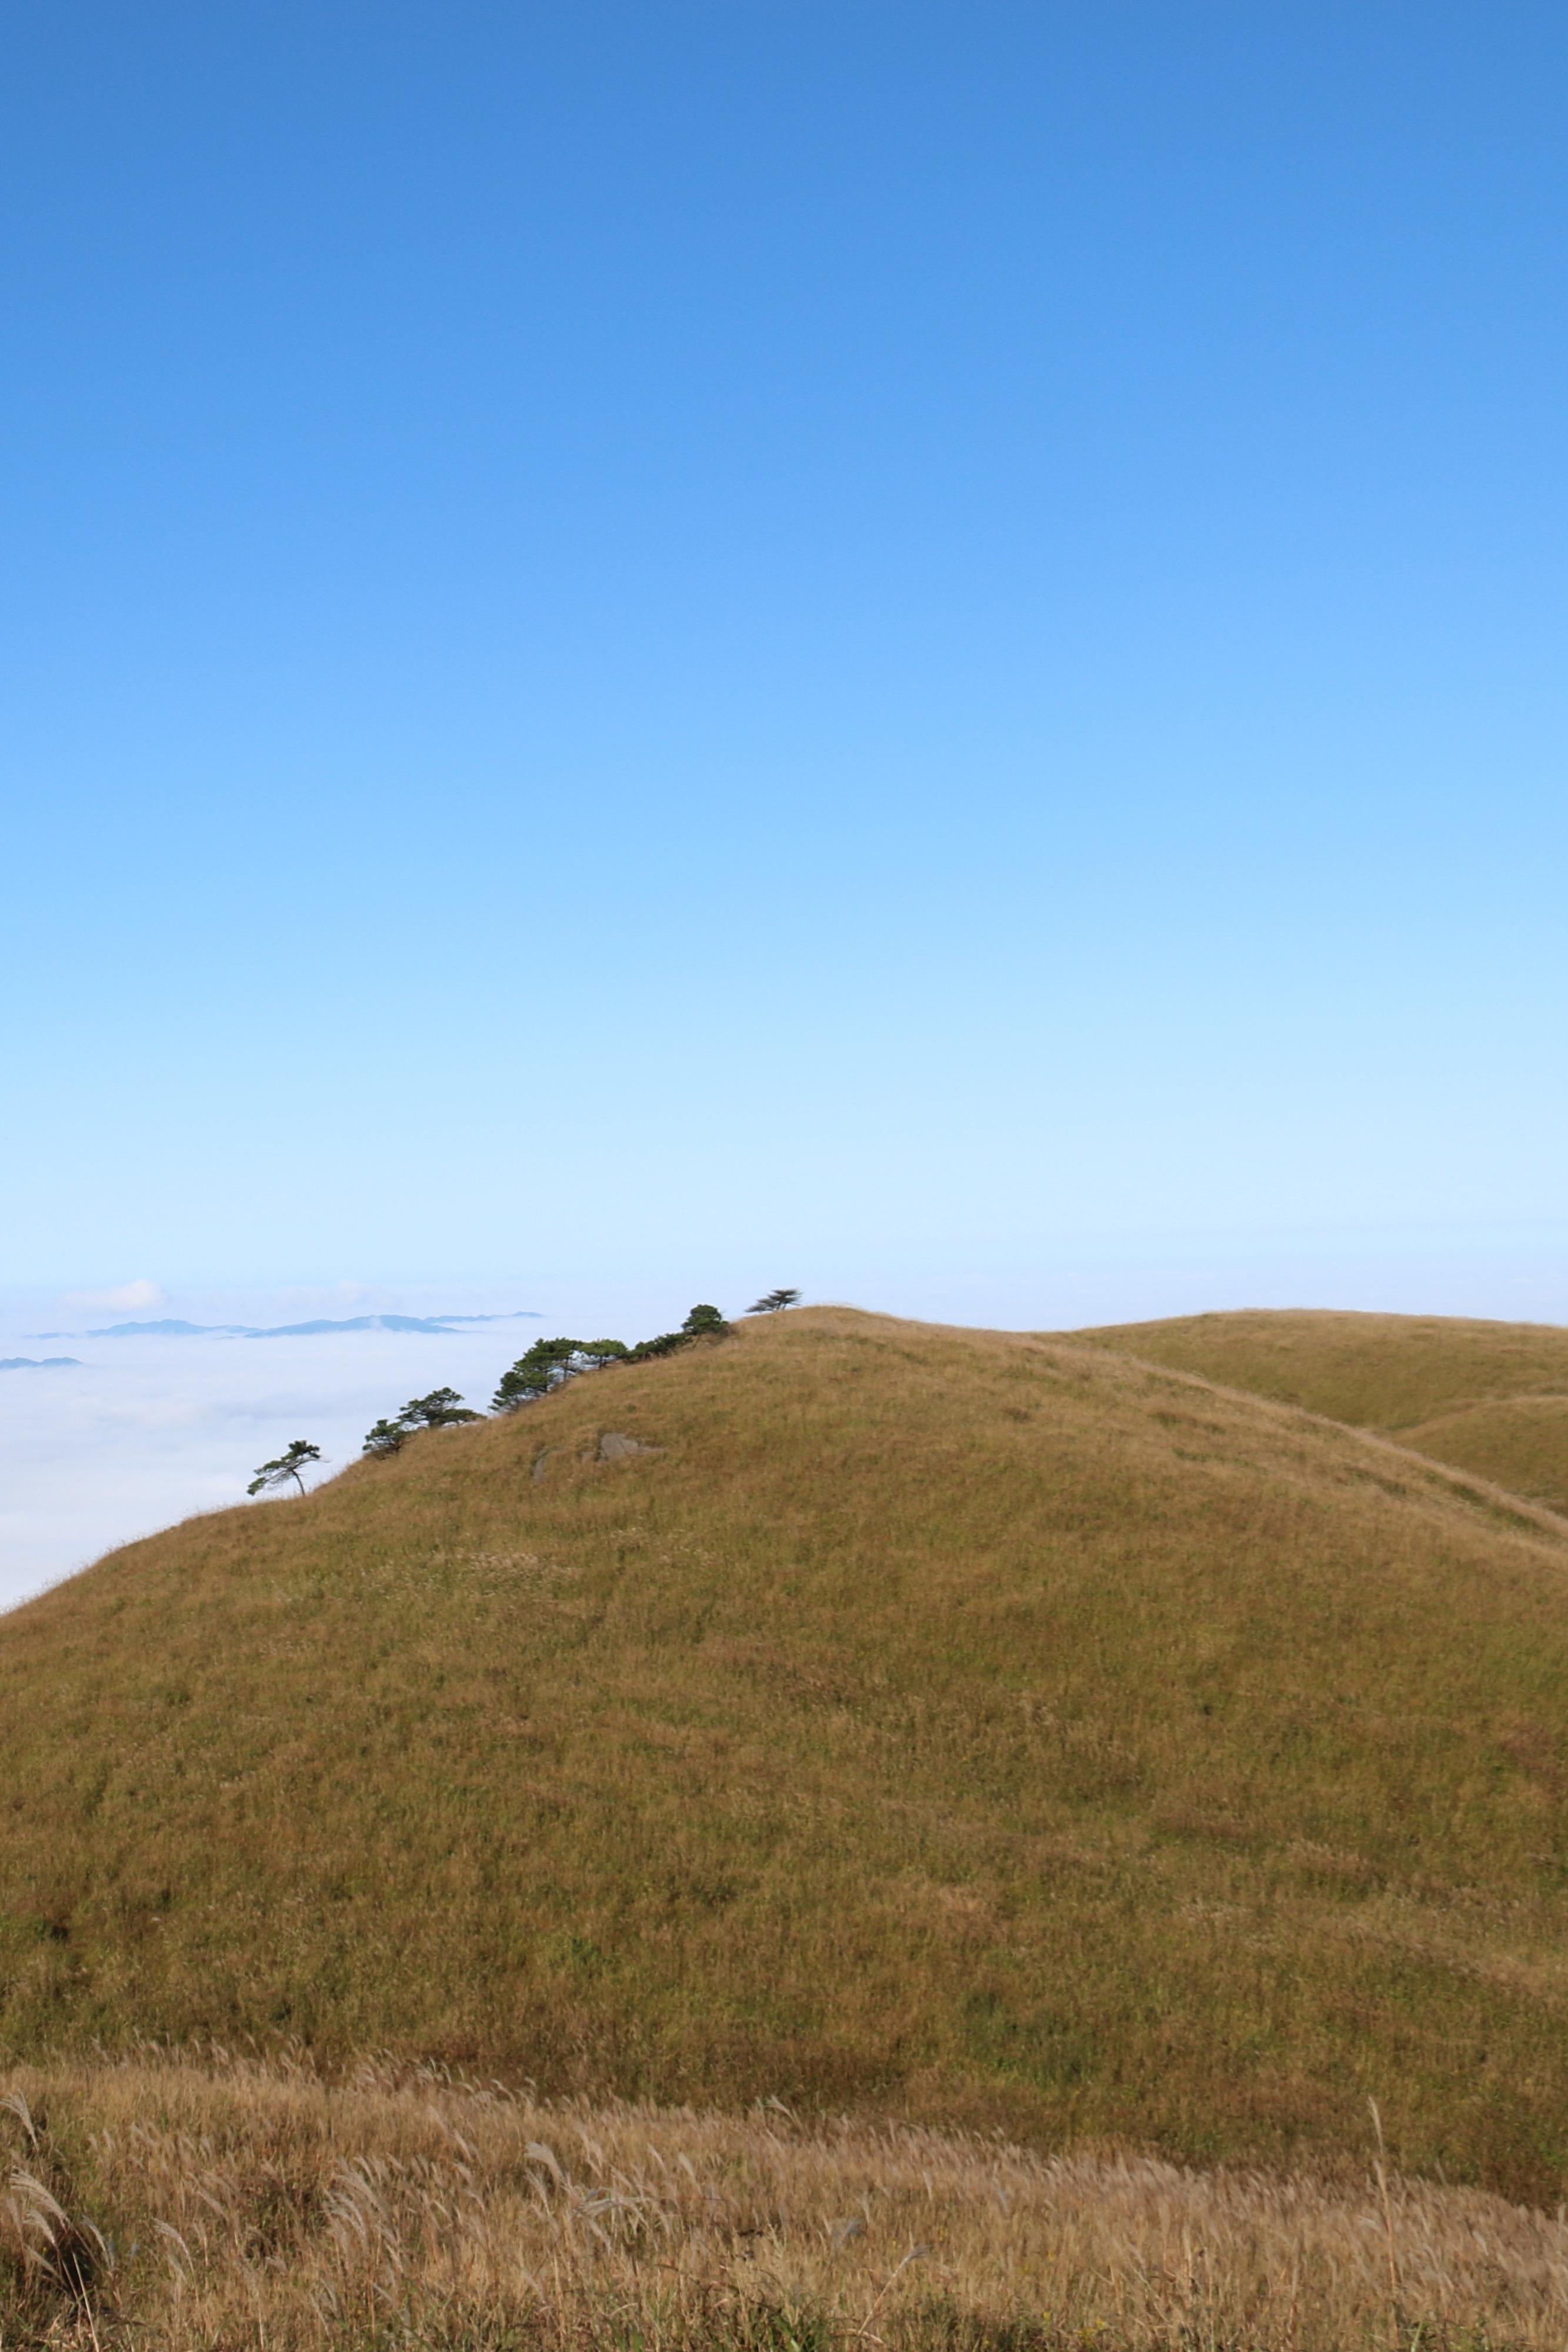 惠州罗浮山(四方山)一日徒步穿越